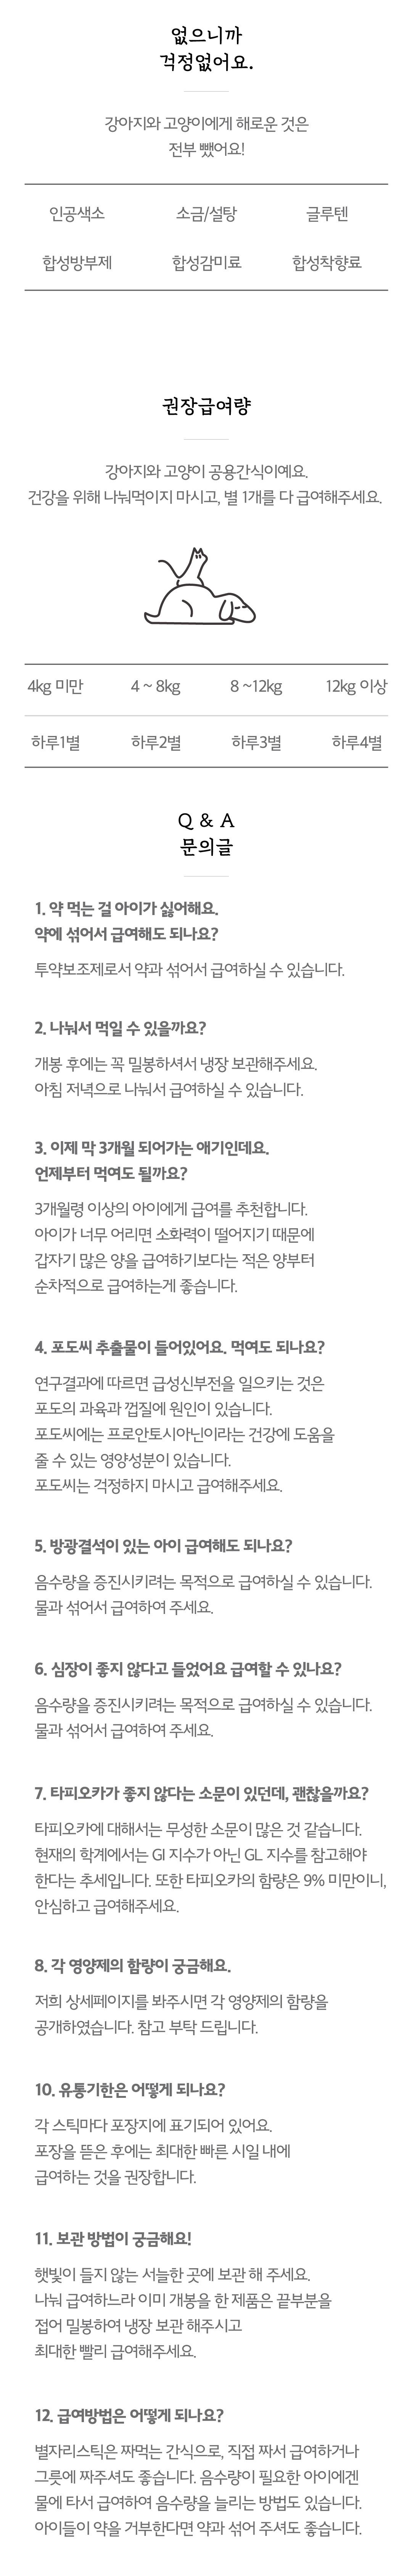 마이베프 별자리스틱 심장/눈/관절/멀티비타민 (15g*4p)-상품이미지-17